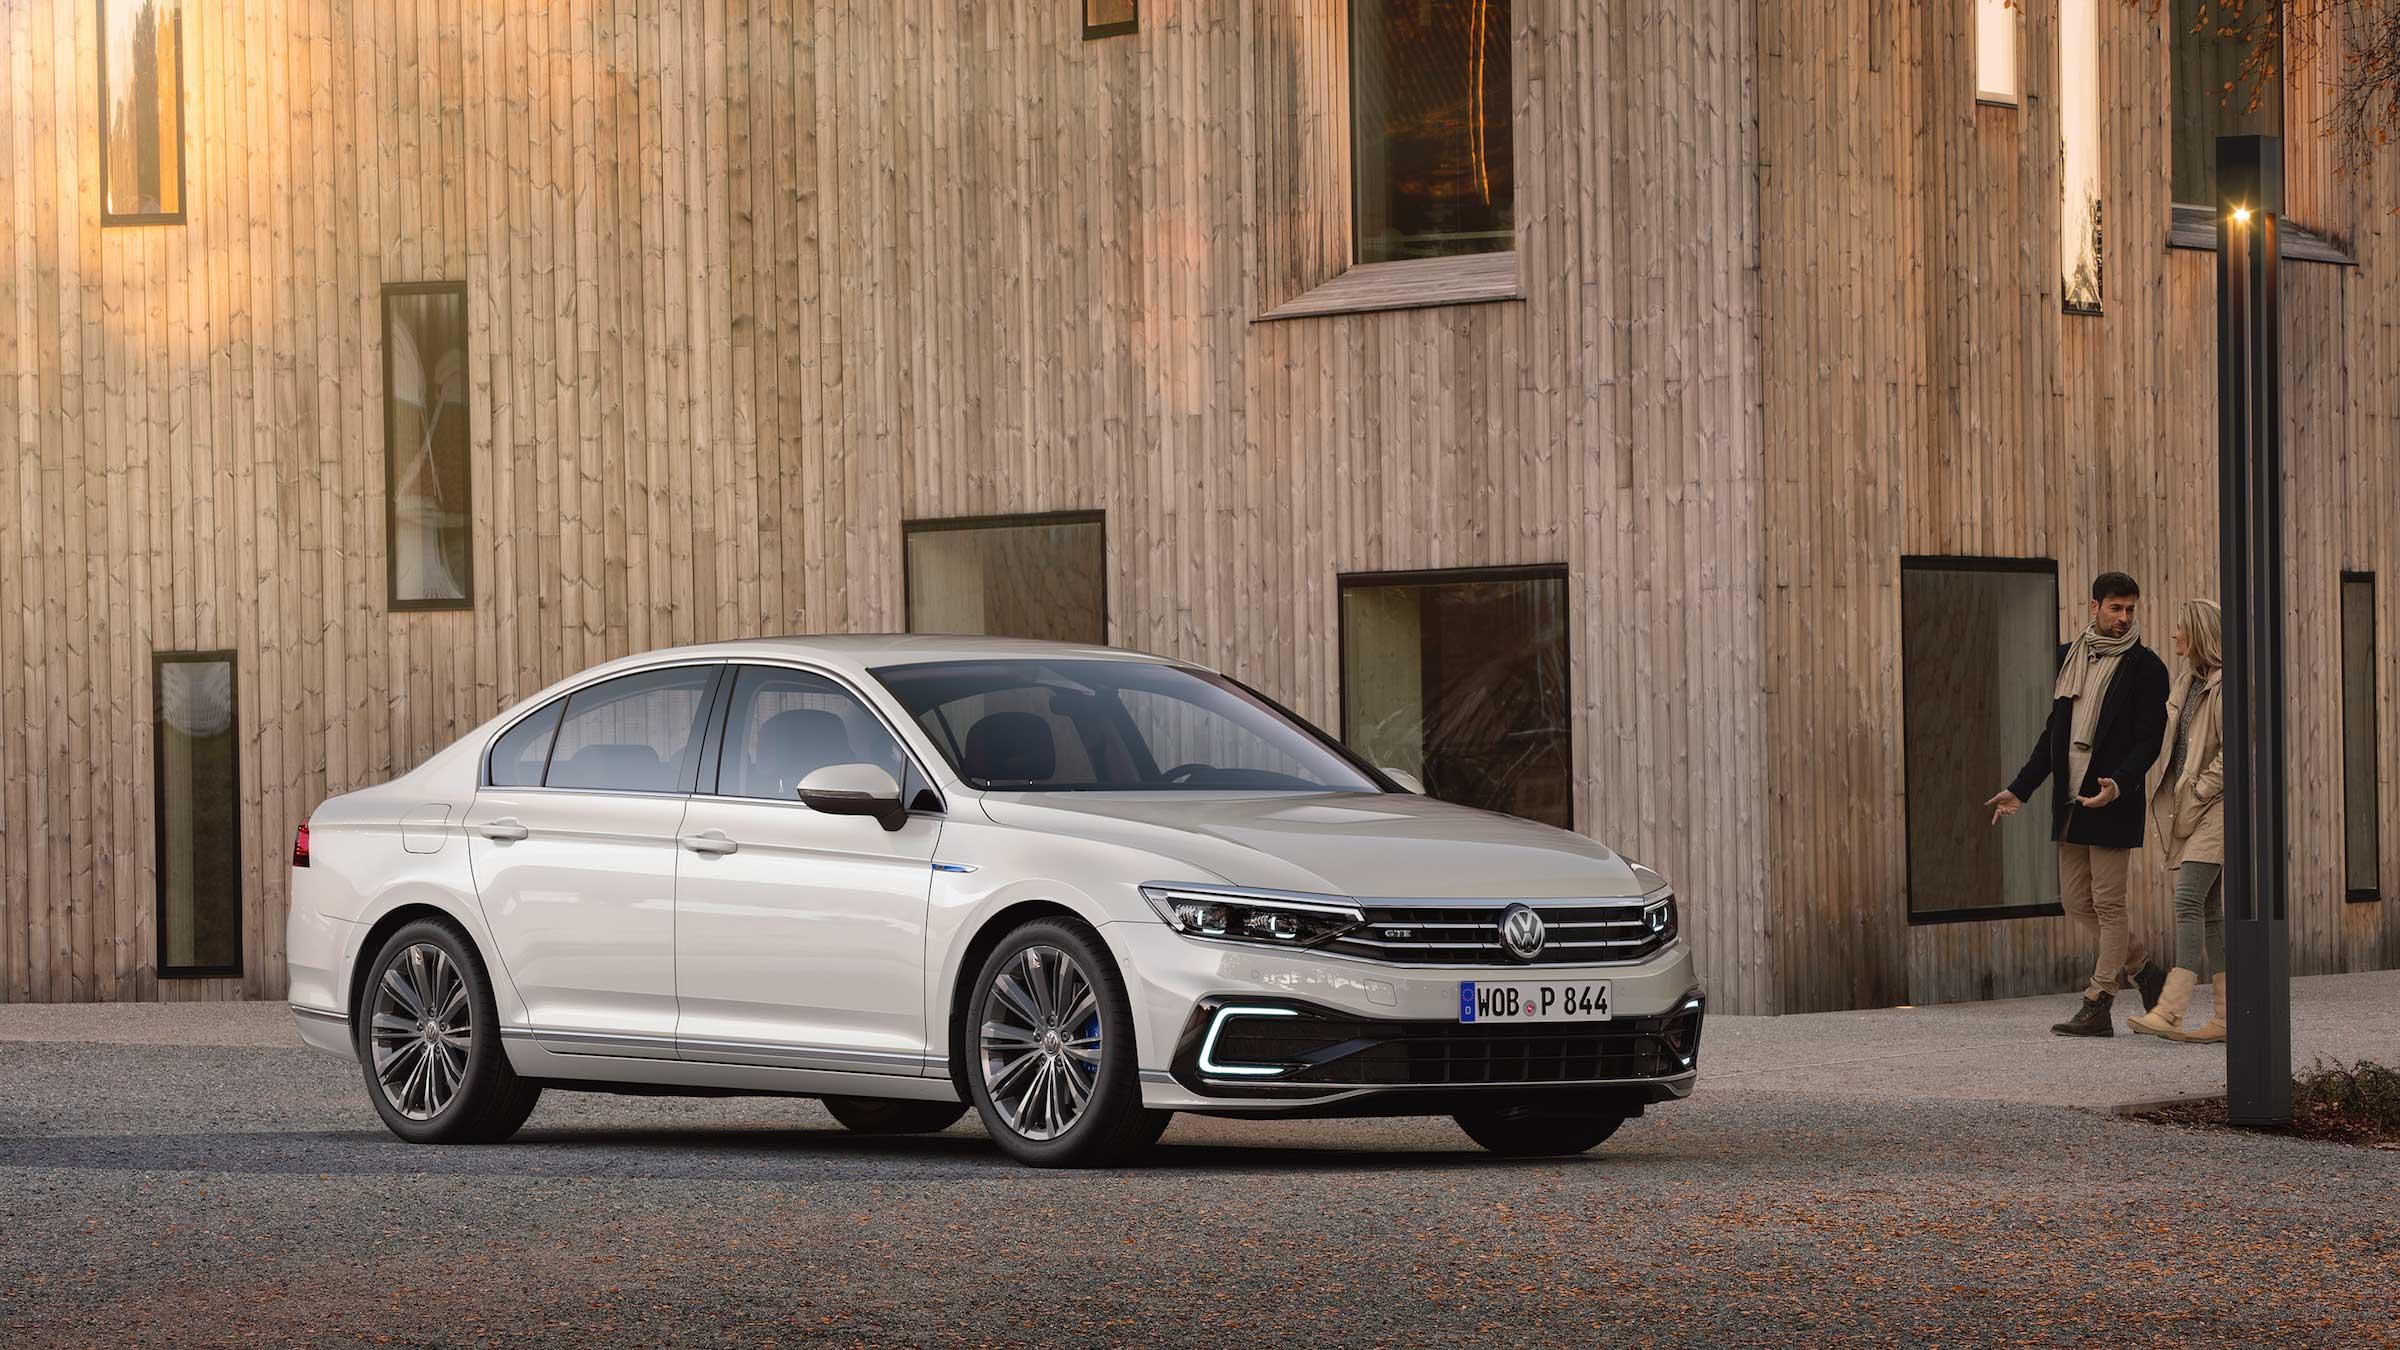 Volkswagen Passat Gte Review Drivingelectric